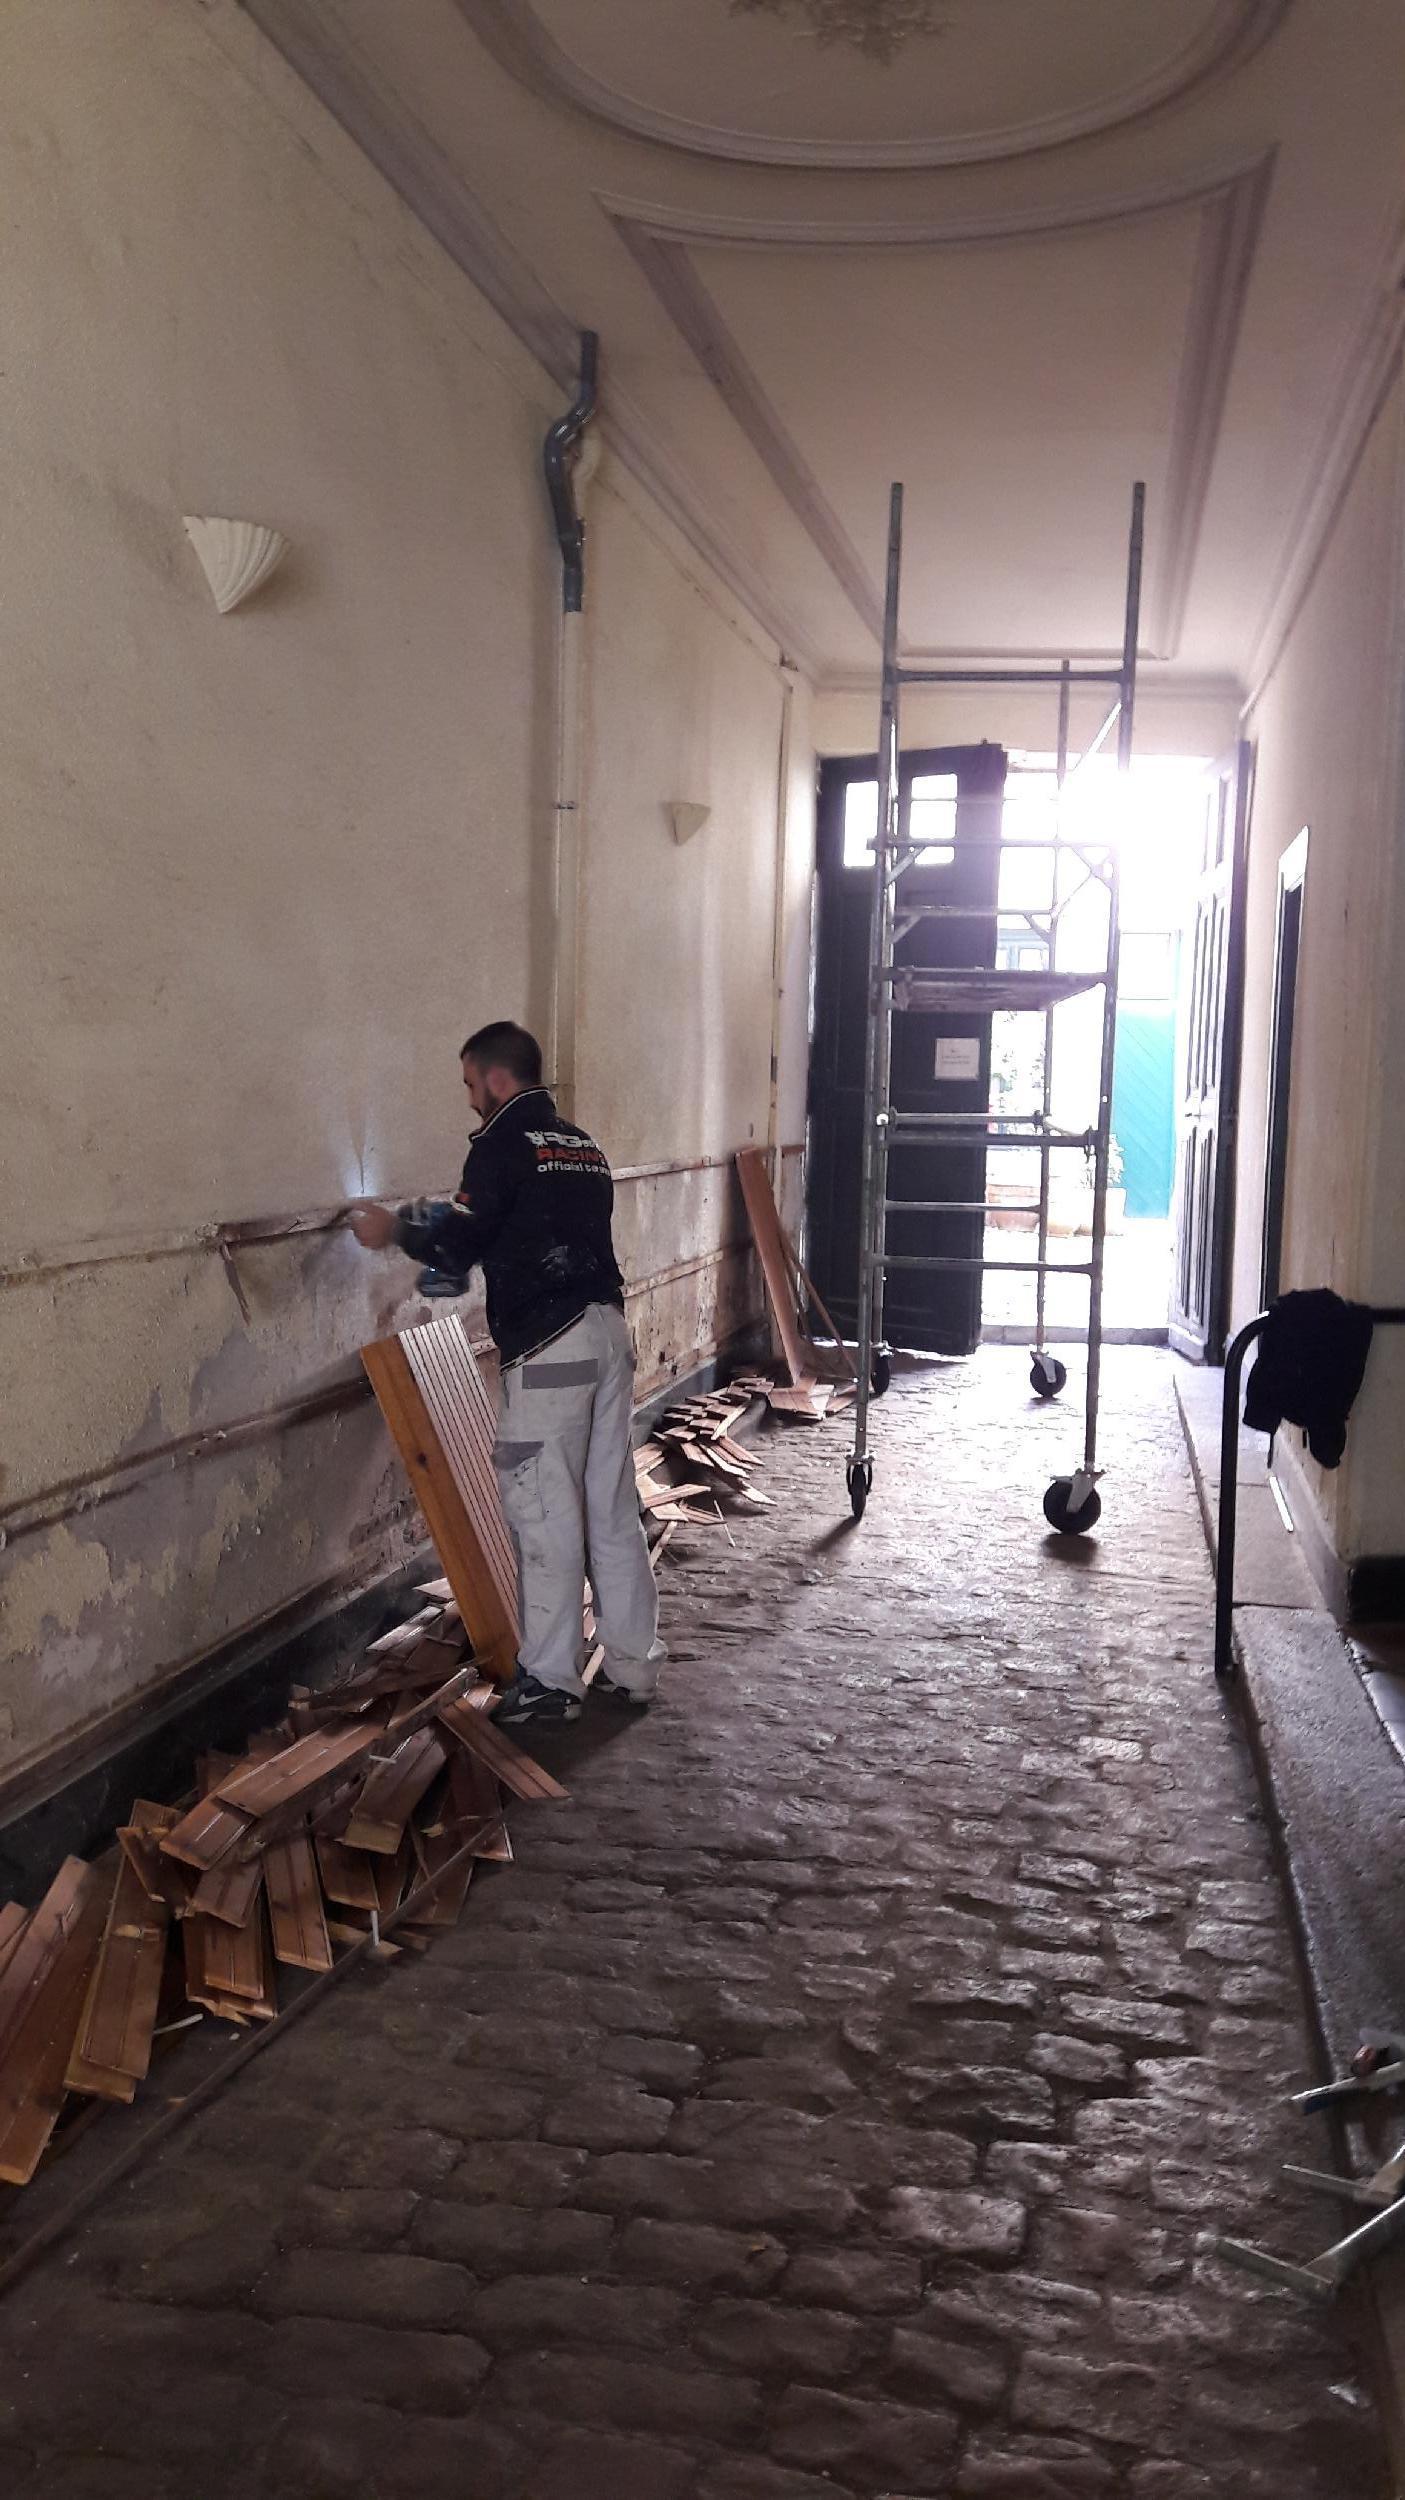 SP Pays chantier renovation le puy en velay